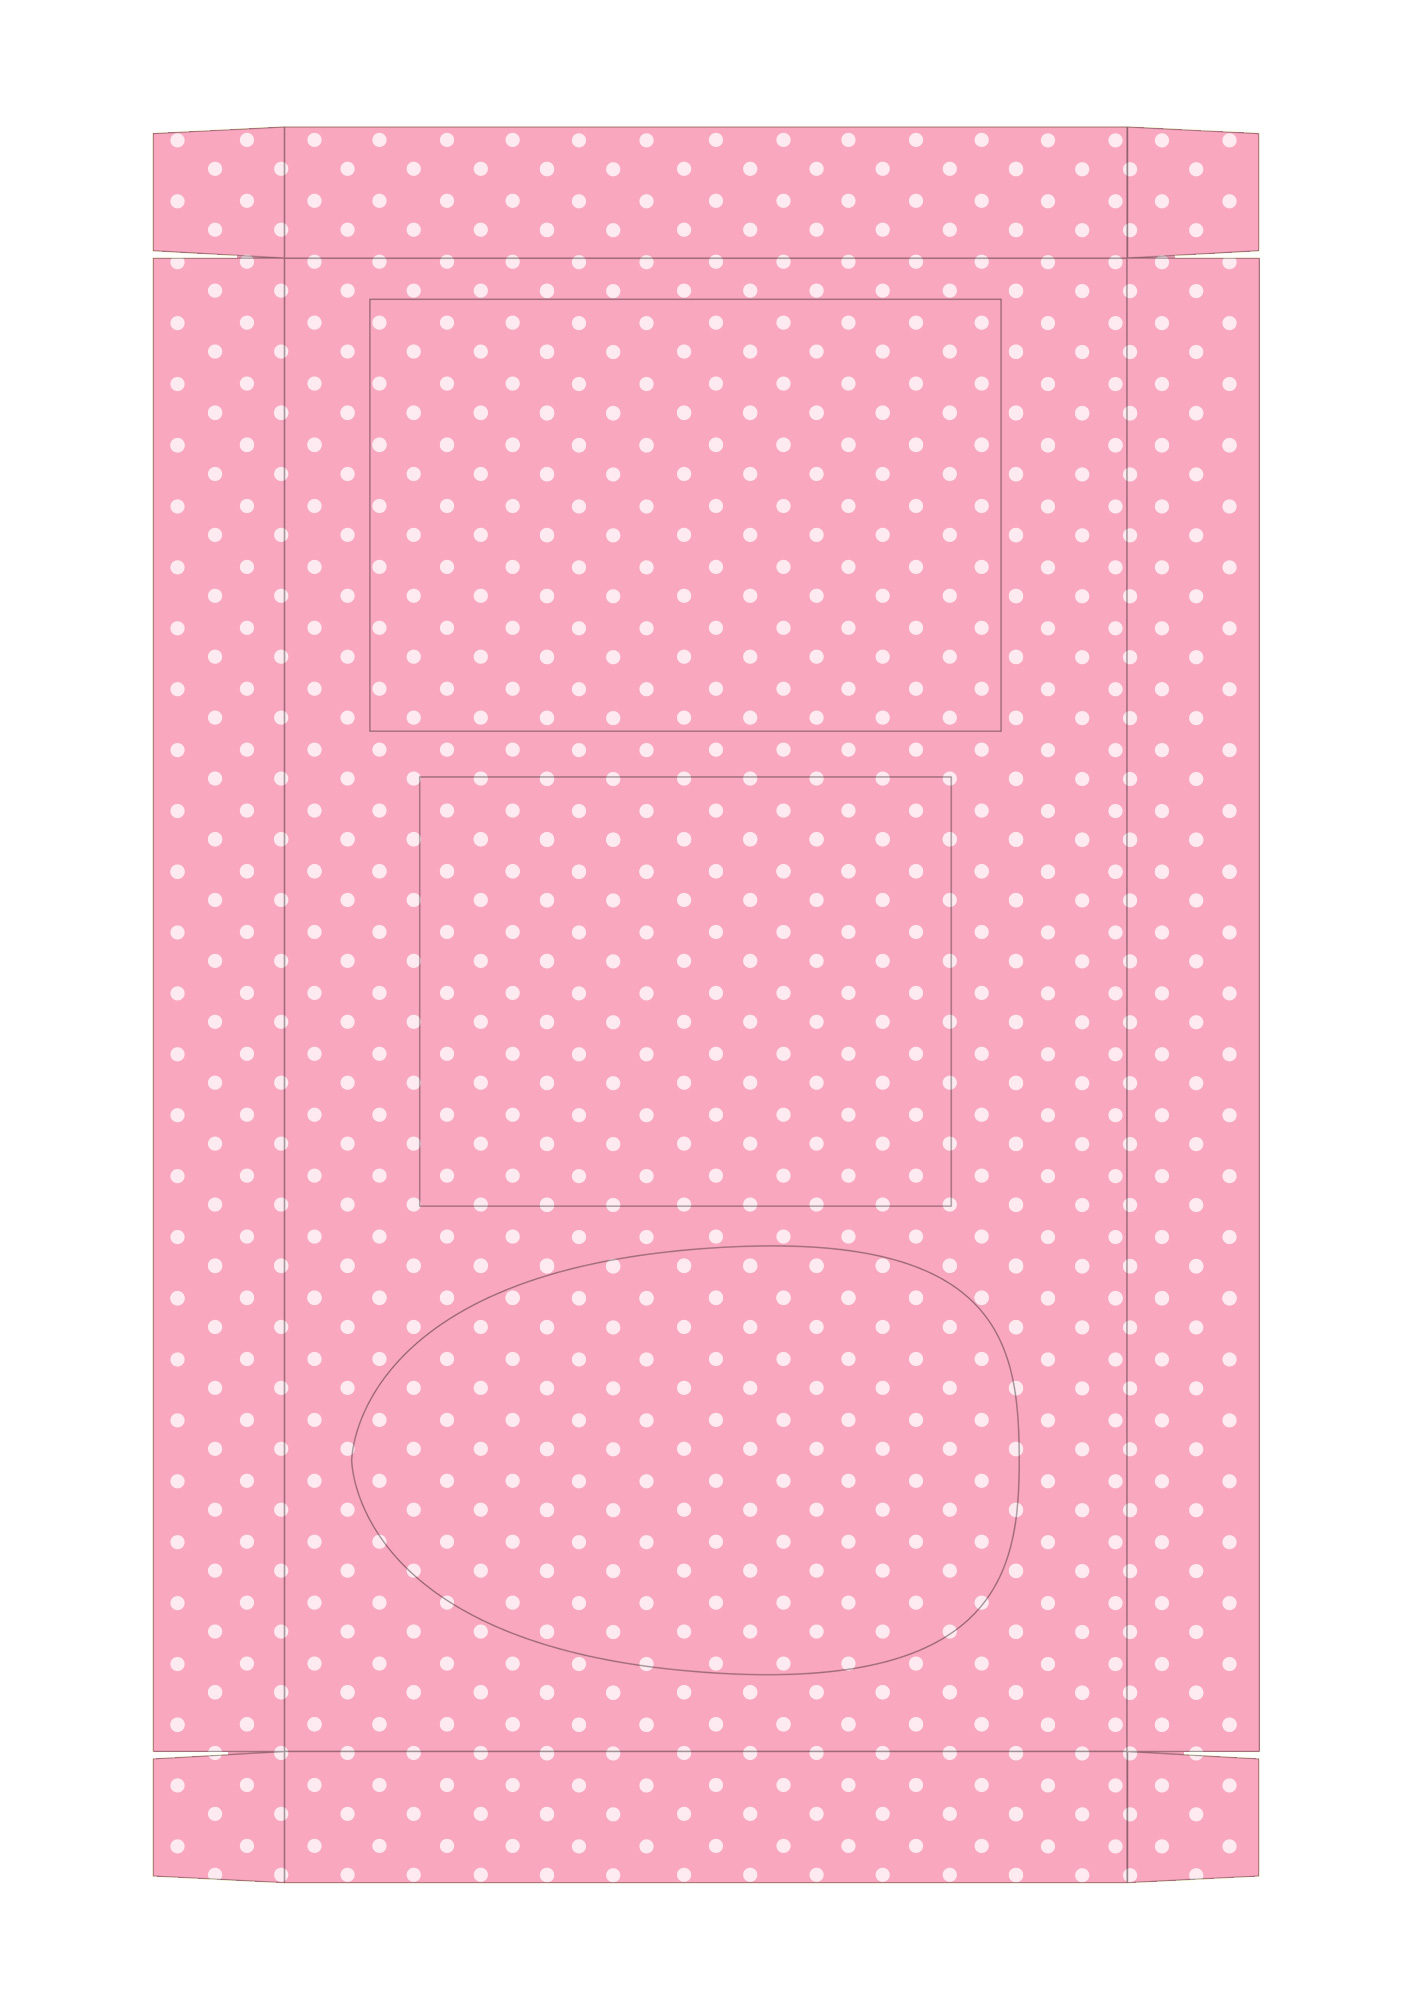 Caixa Kit Mini Confeiteiro para Páscoa 12 - parte de dentro